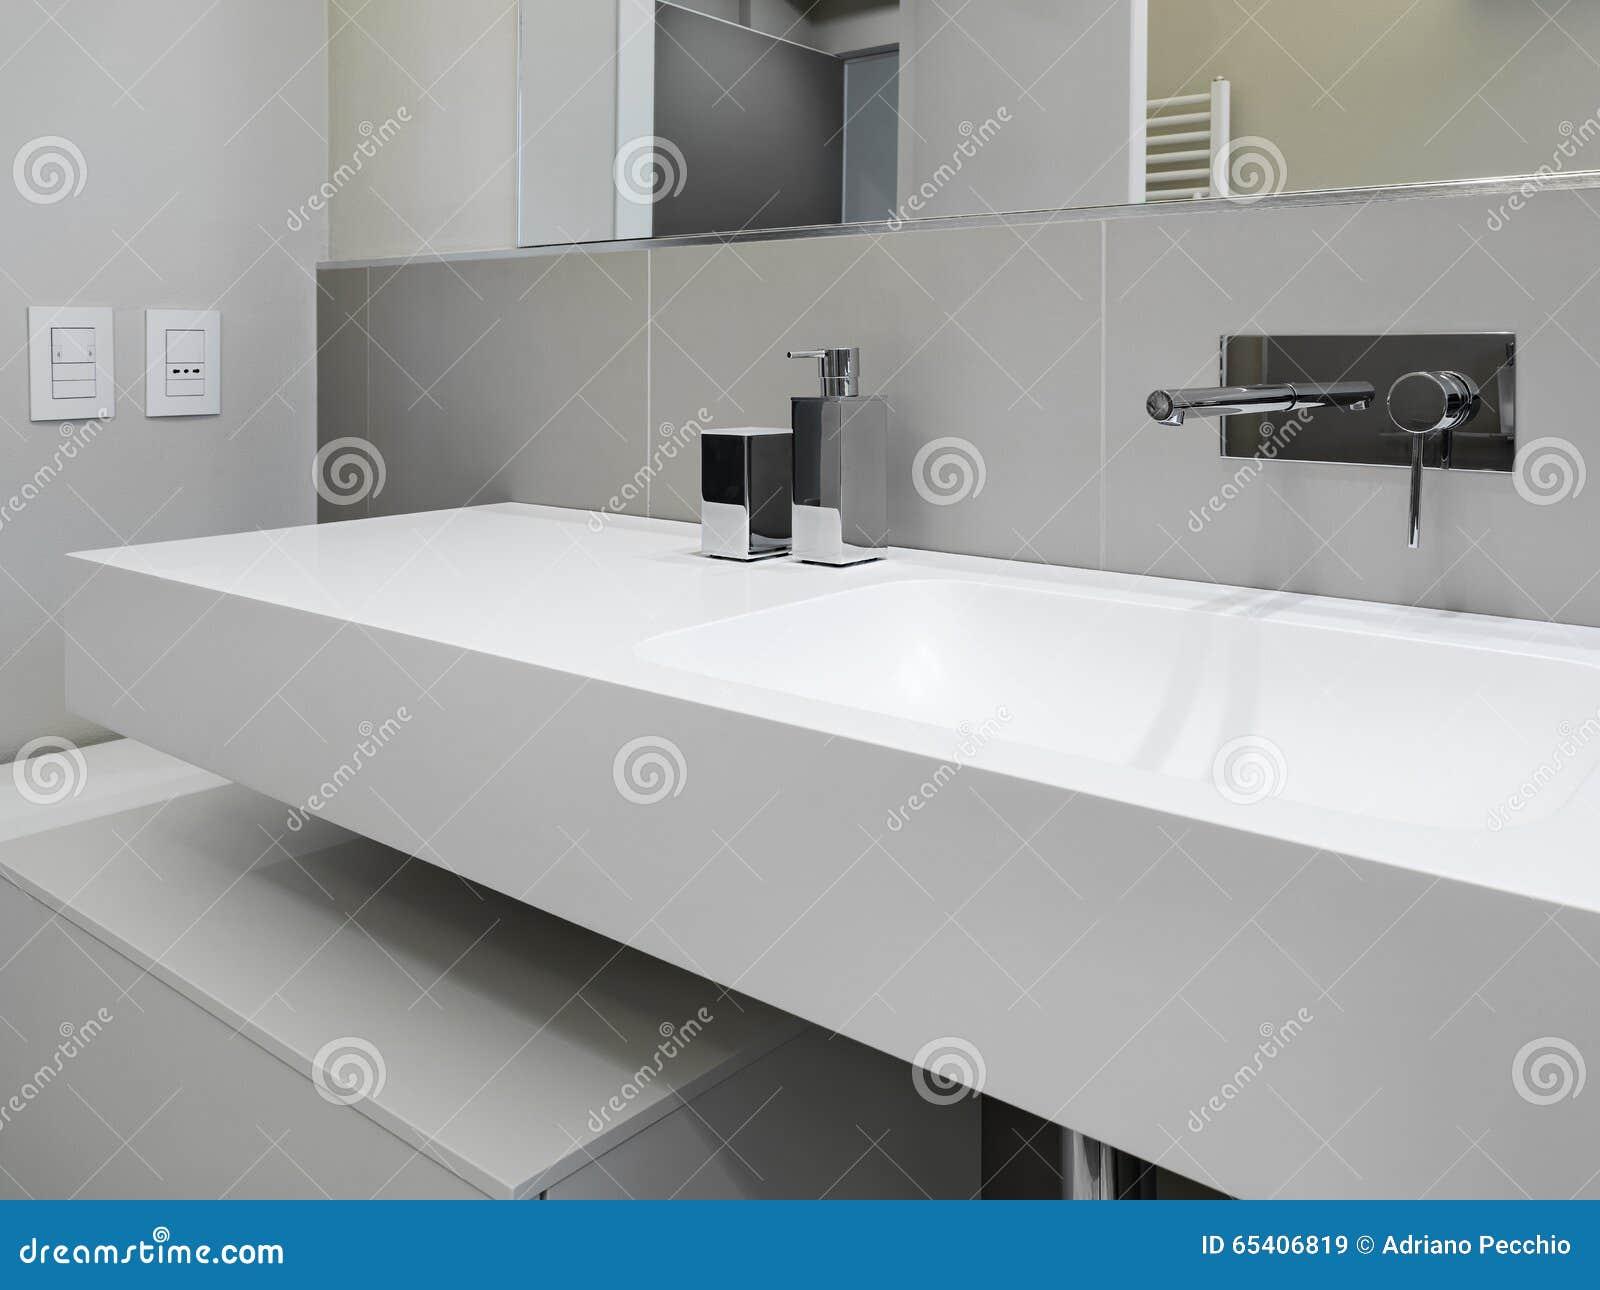 Priorità alta di un lavandino in un bagno moderno immagine stock